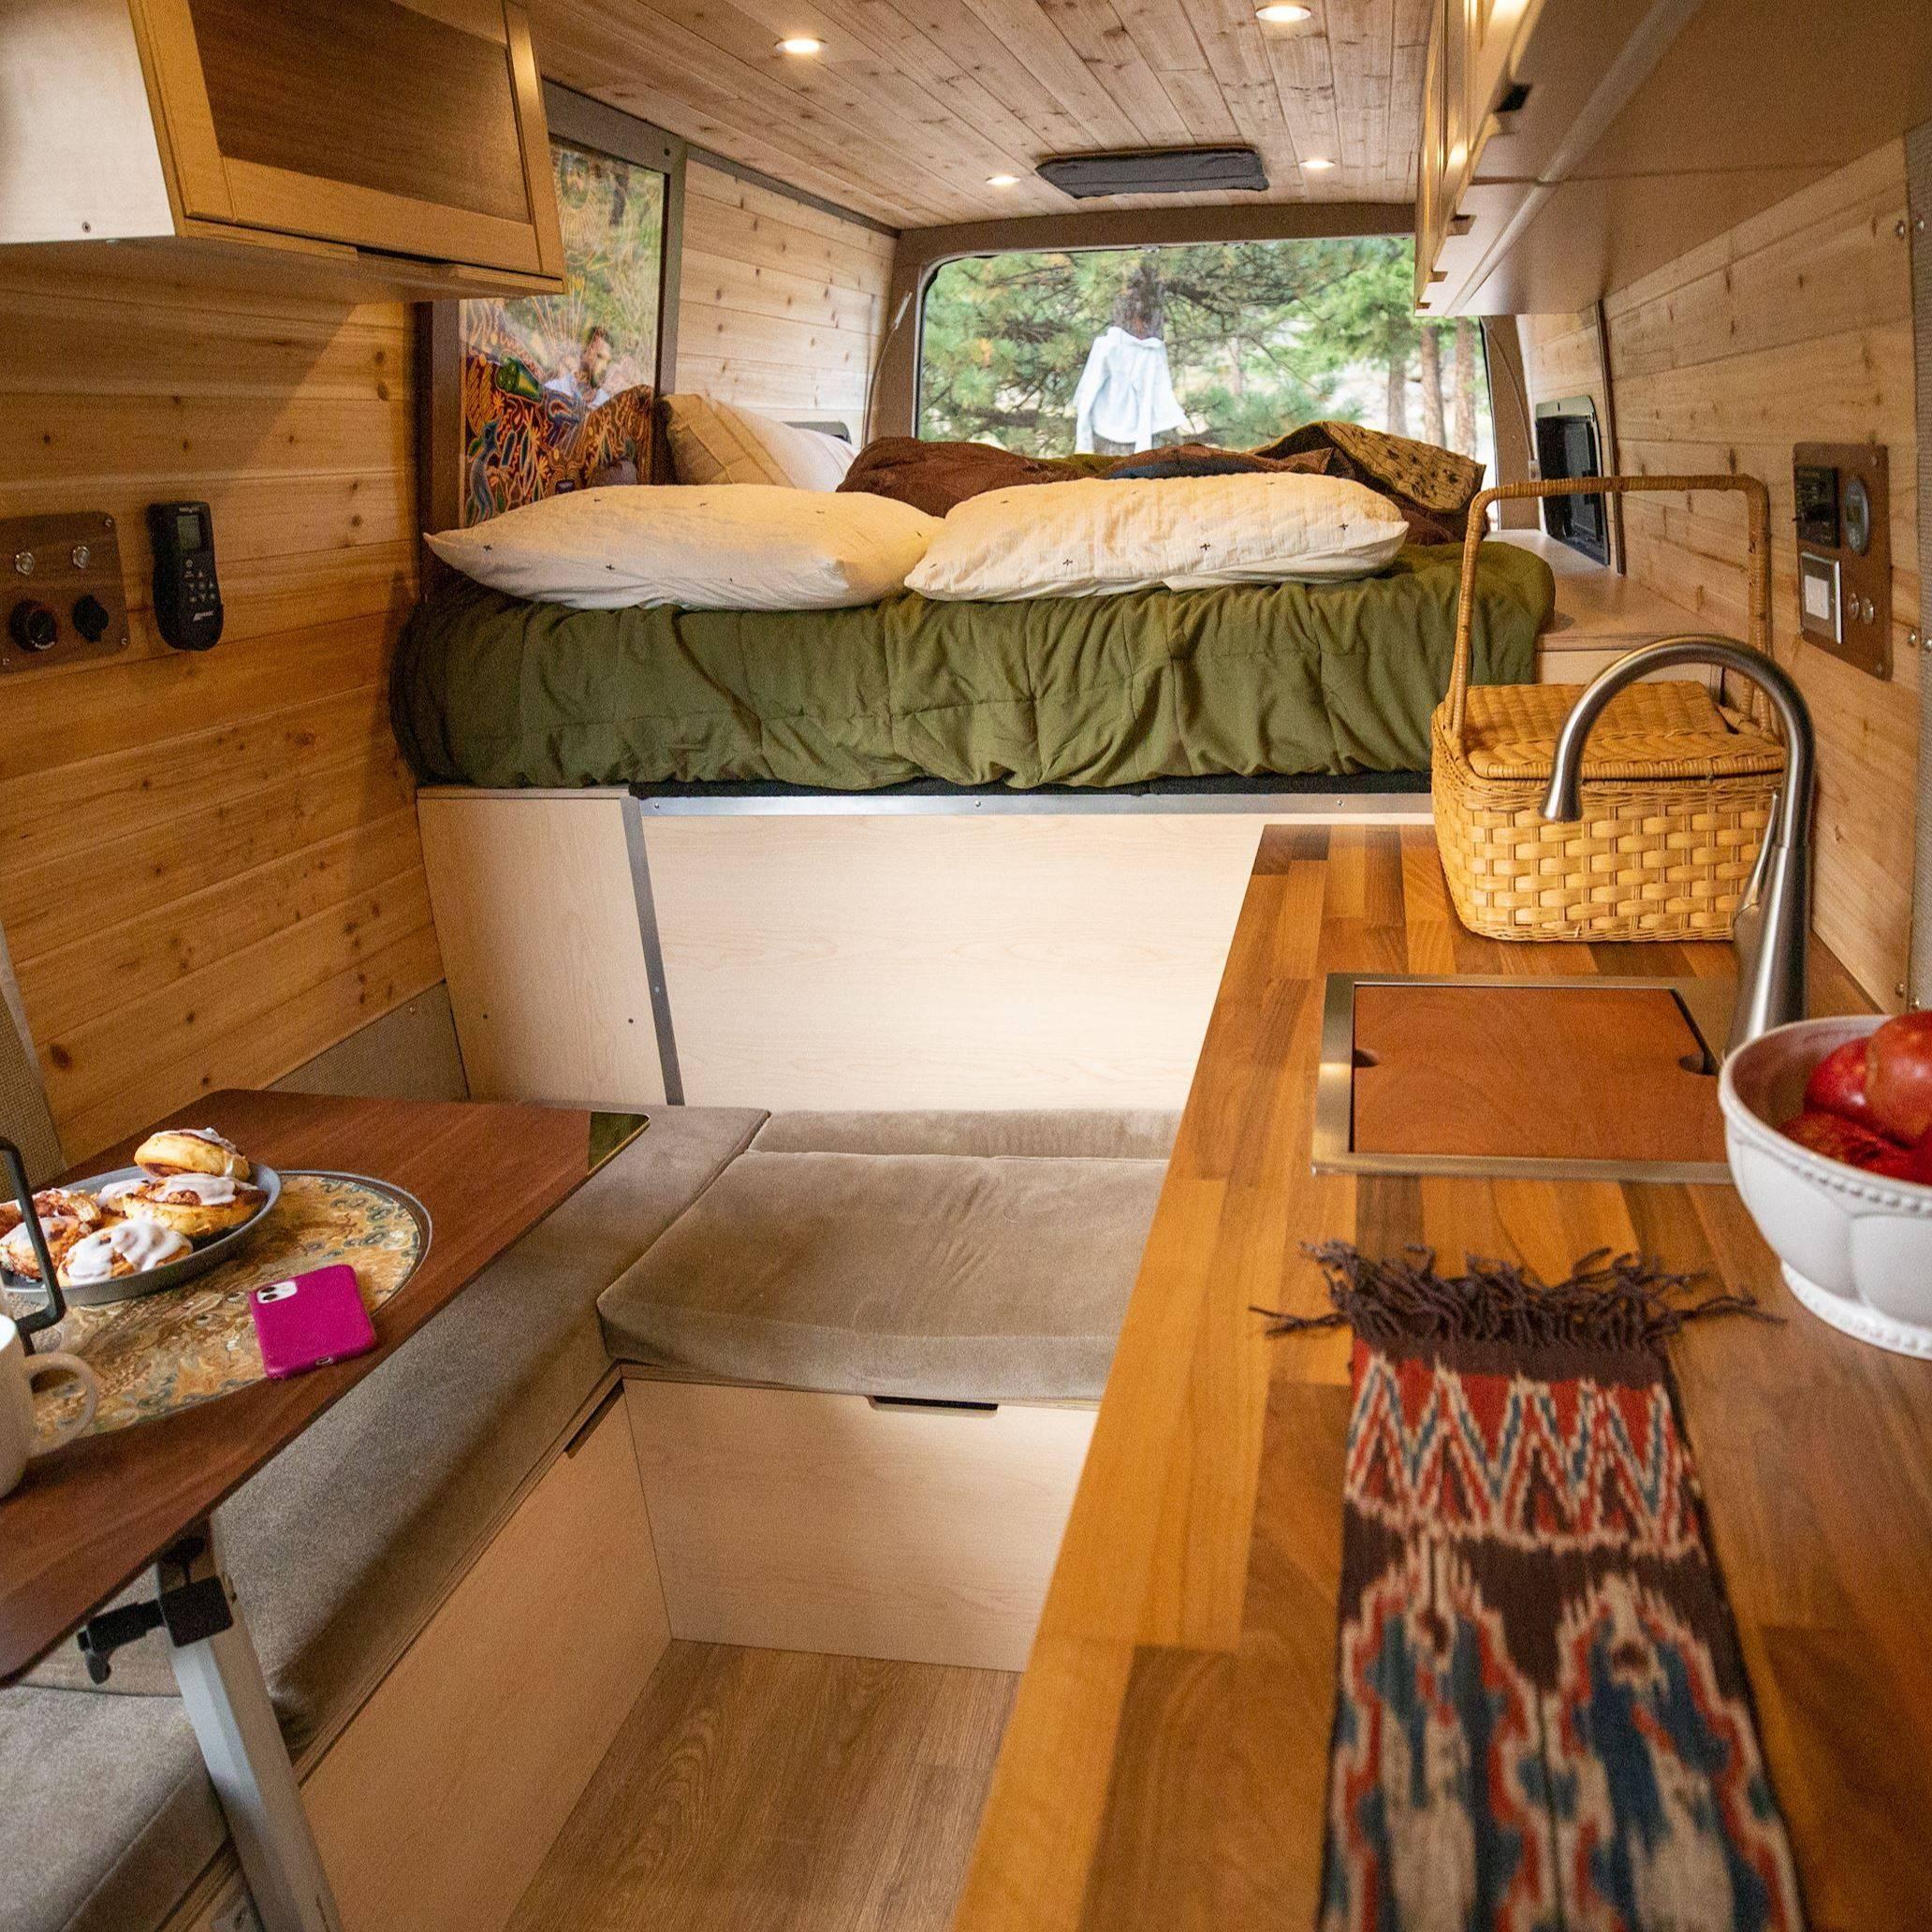 Custom Sprinter Van Conversion Interior in Colorado - The Vansmith